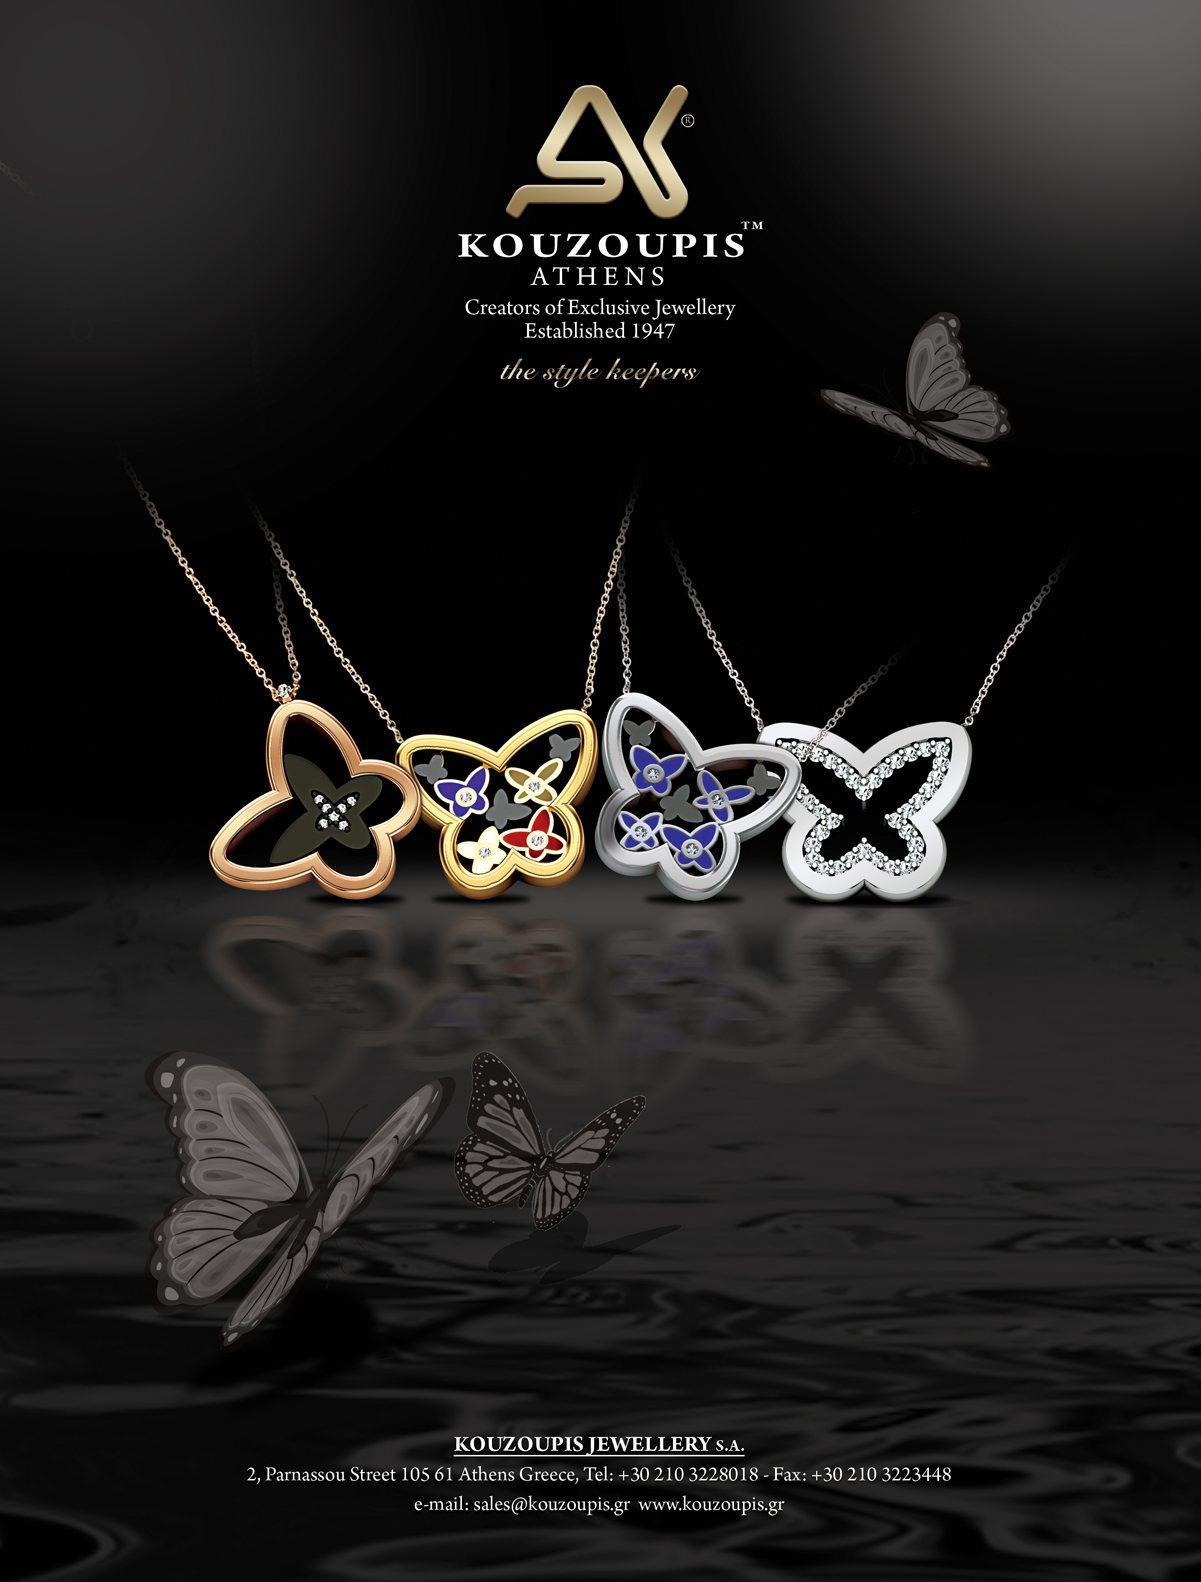 18k elegant jewellery, gold jewelry, precious stones, gold jewellery, diamond jewellery, butterfly